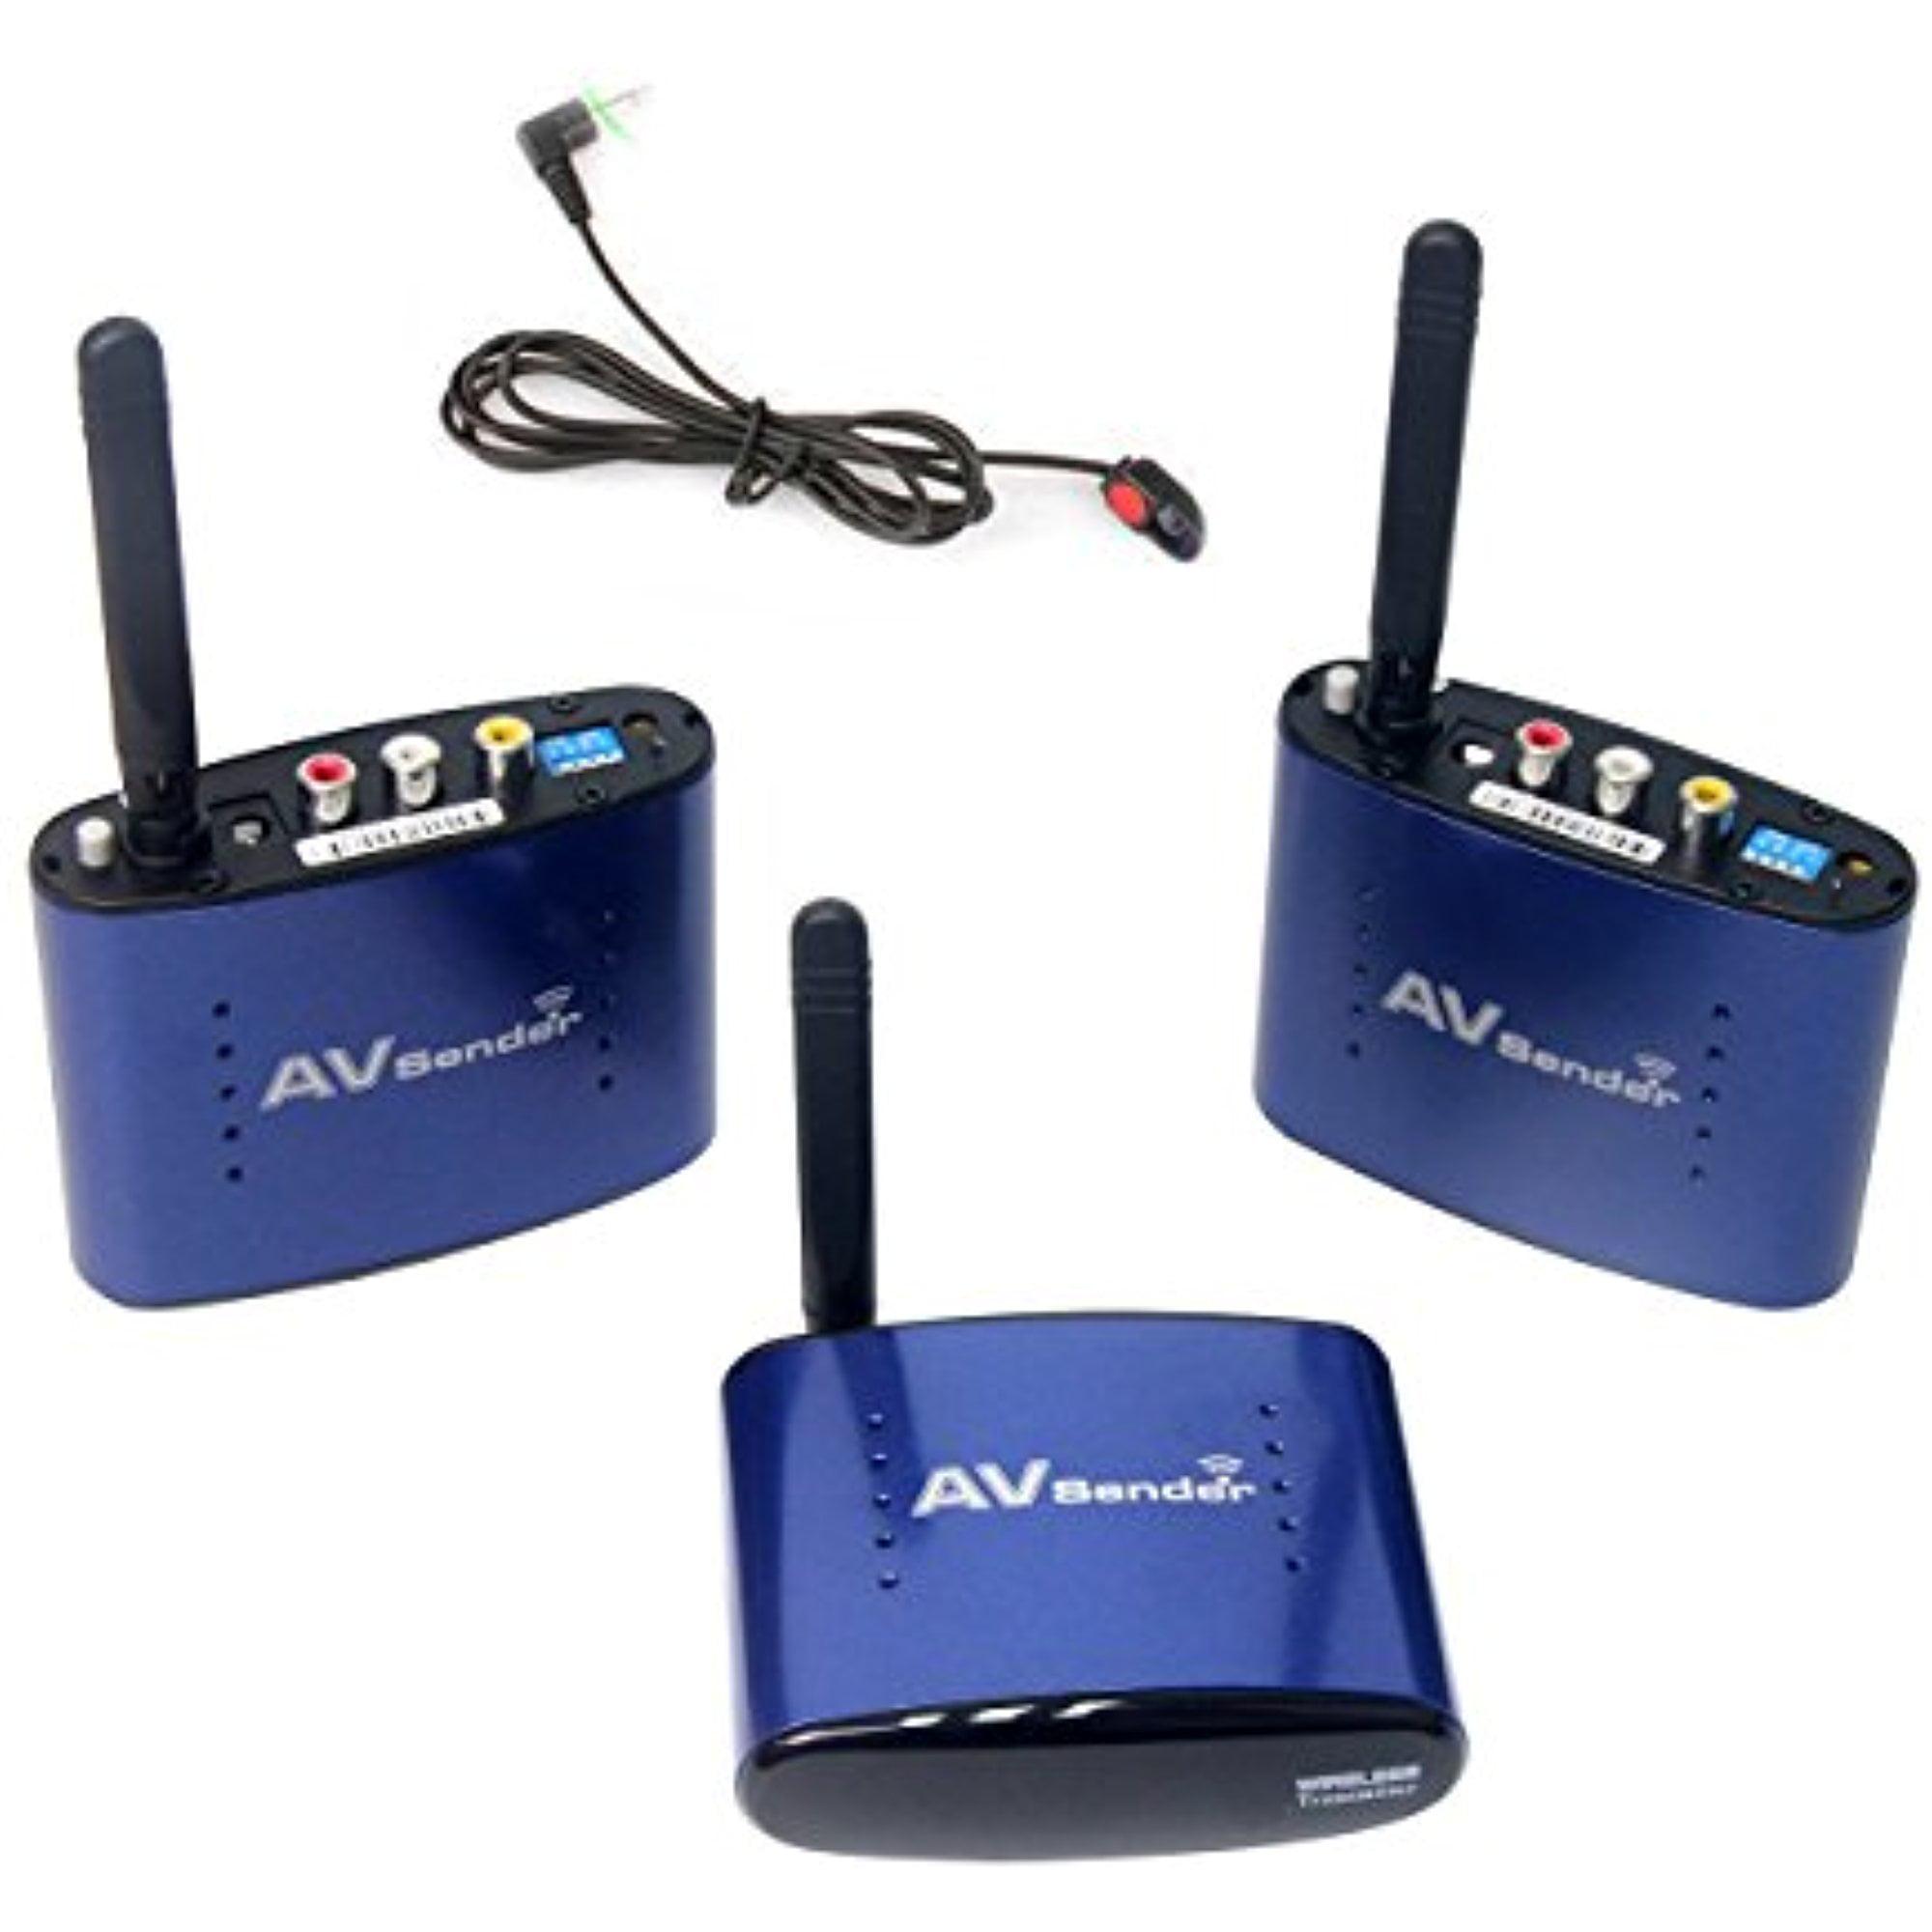 Signstek Pat-530 5.8GHz Wireless AV Sender Transmitter 2 ...